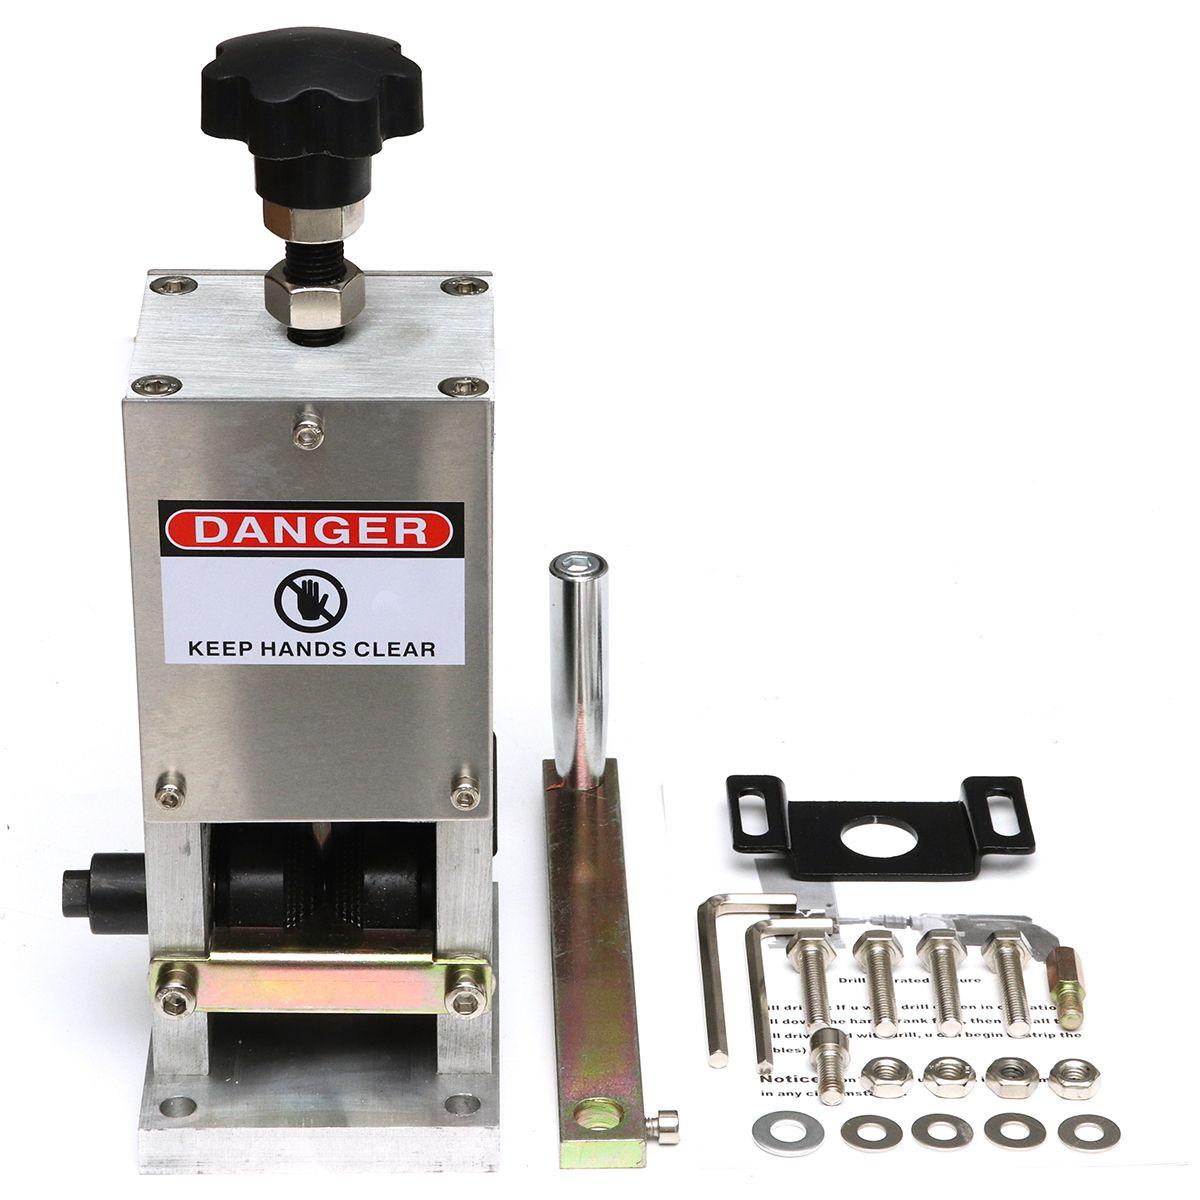 1 Stücke Draht Abisolierzange Abisoliermaschine Für Kupferdraht Recycling universal-handbuch kabel crimpen und peeling